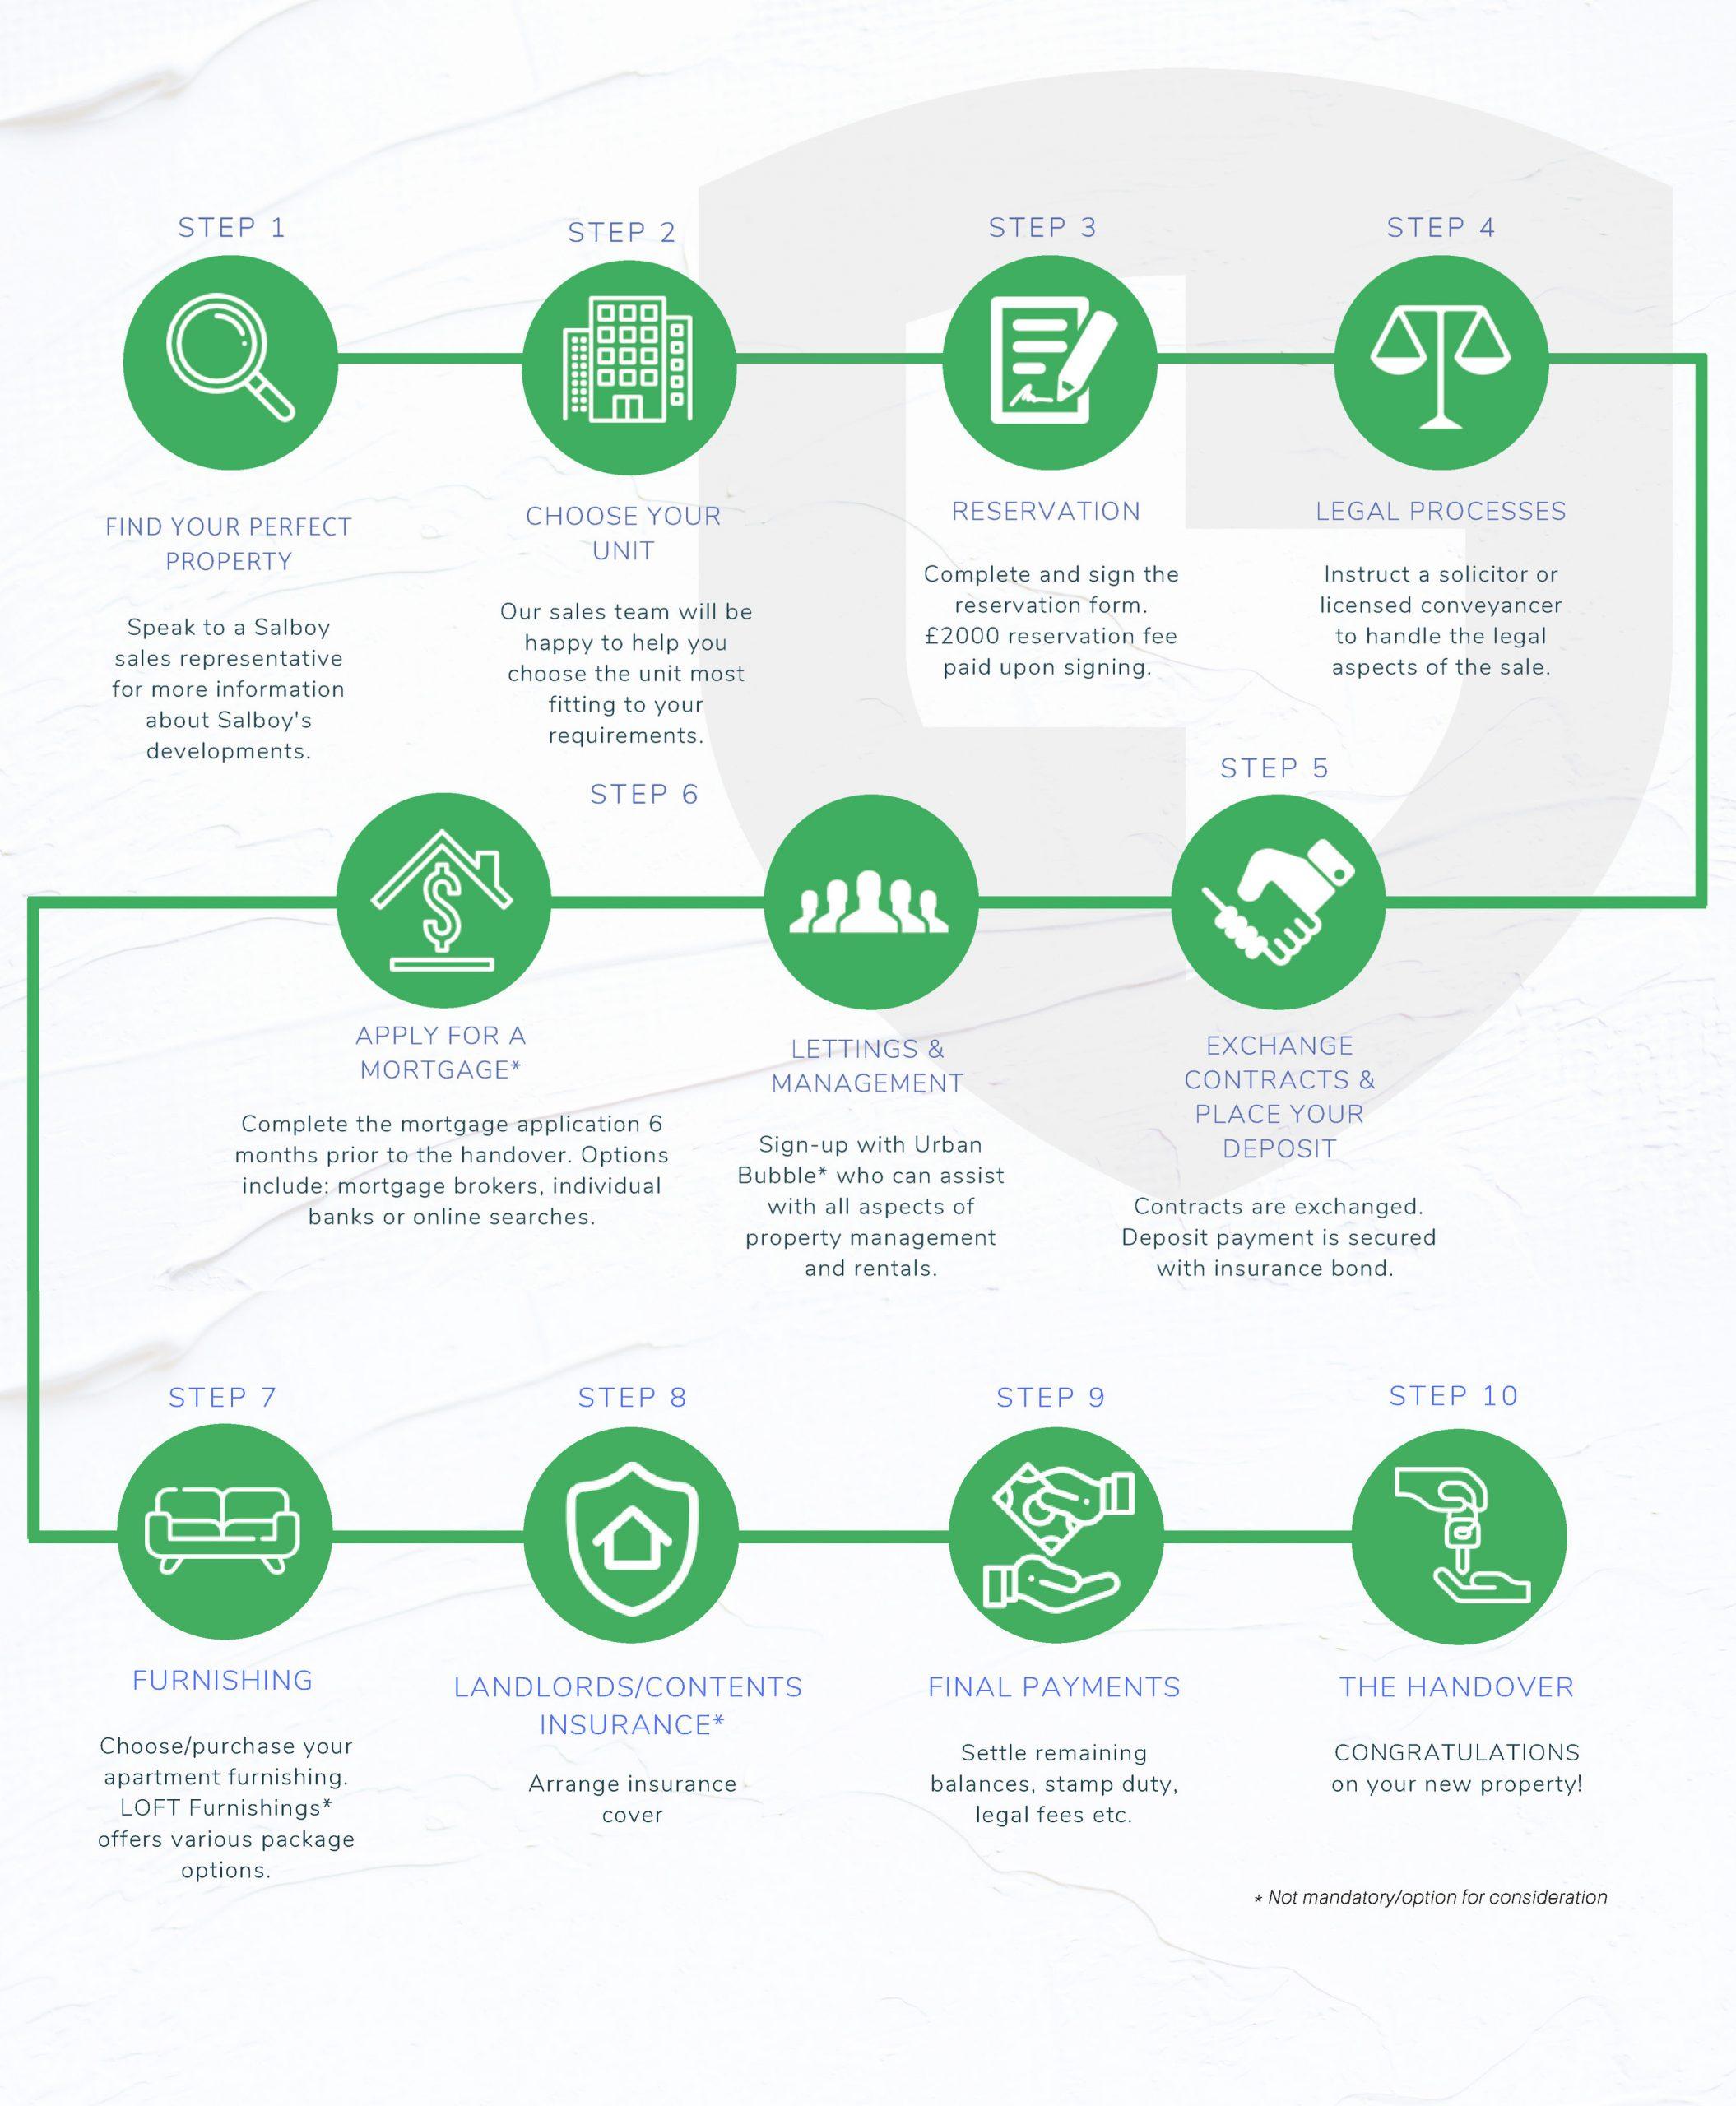 購買物業流程